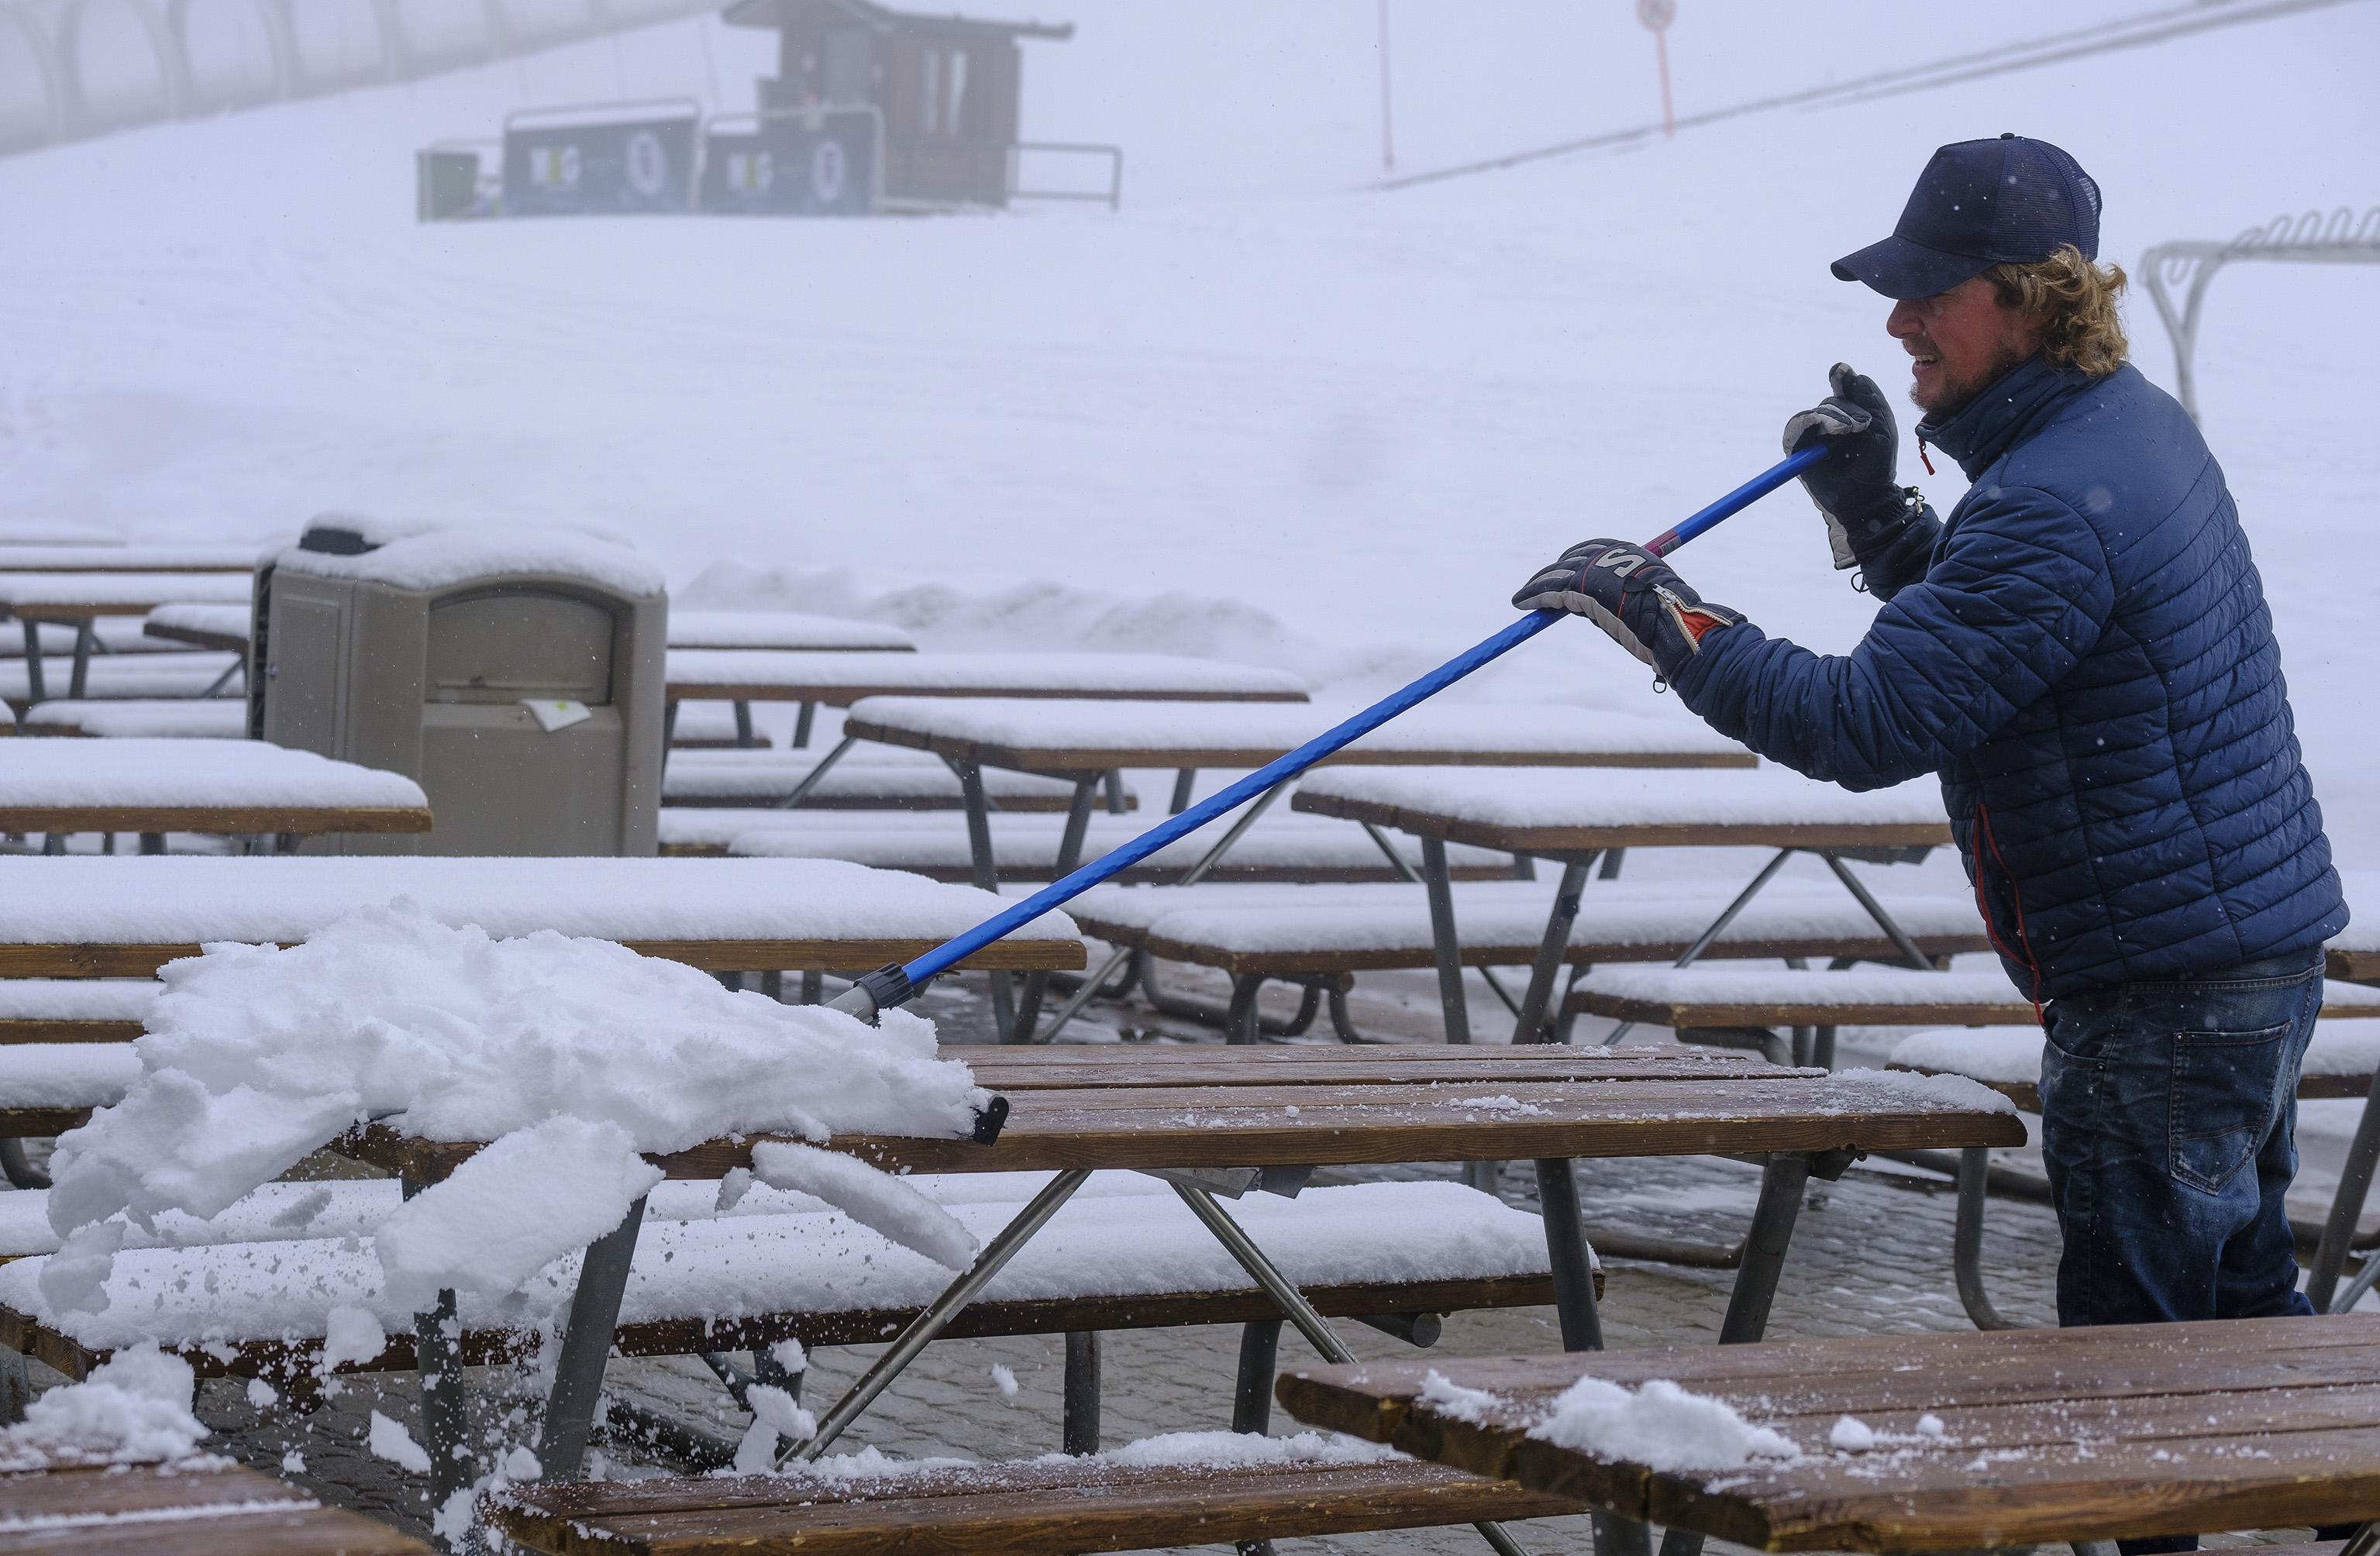 Aramón estrena abril con nieve fresca en sus pistas ¿Te animas?